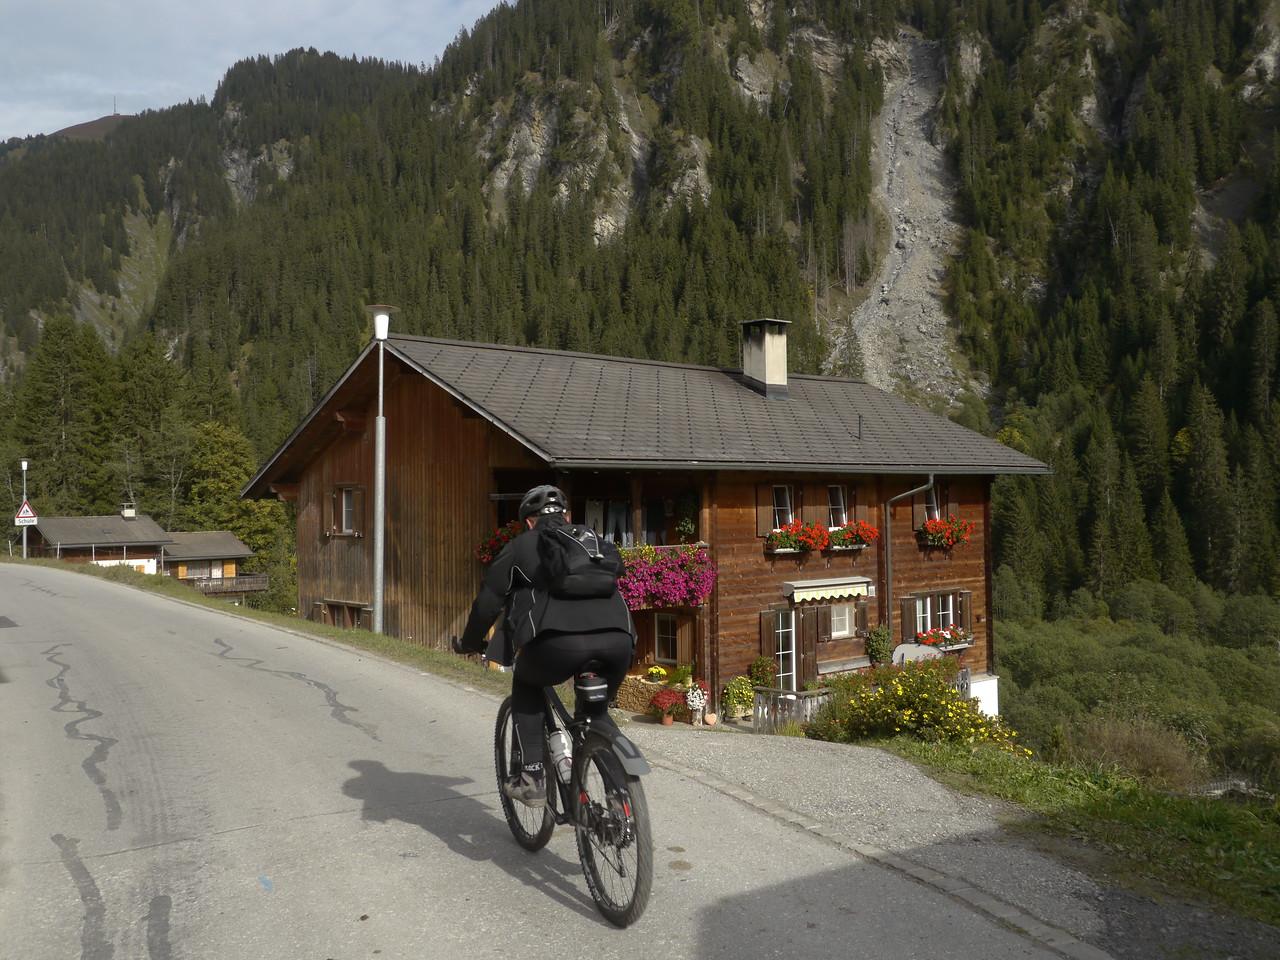 @RobAng 2013 / Safien Platz, Glaspass, Kanton Graubünden, CHE, Schweiz, 1319 m ü/M, 2013/10/03 15:22:50